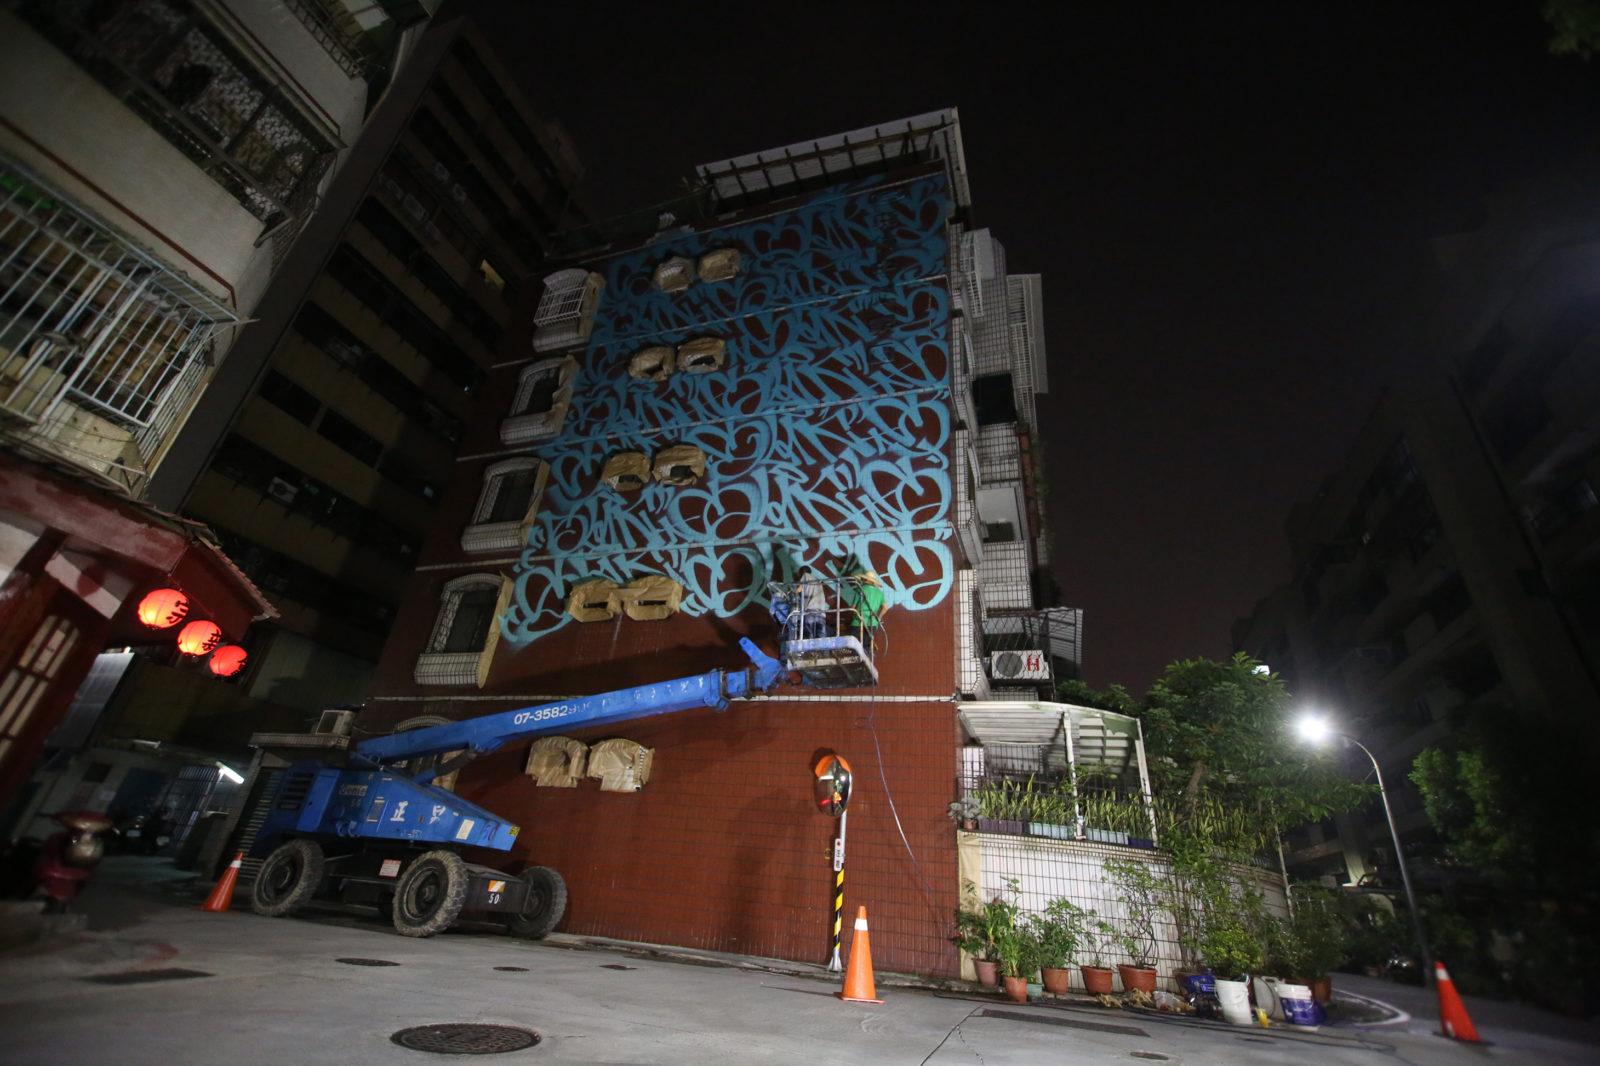 Rafael Sliks pixacao streetart groundeffect galerie exposition ER1A6763 1 - Sliks représente le pixaçao, graffiti vandale brésilien, à la galerie Ground Effect